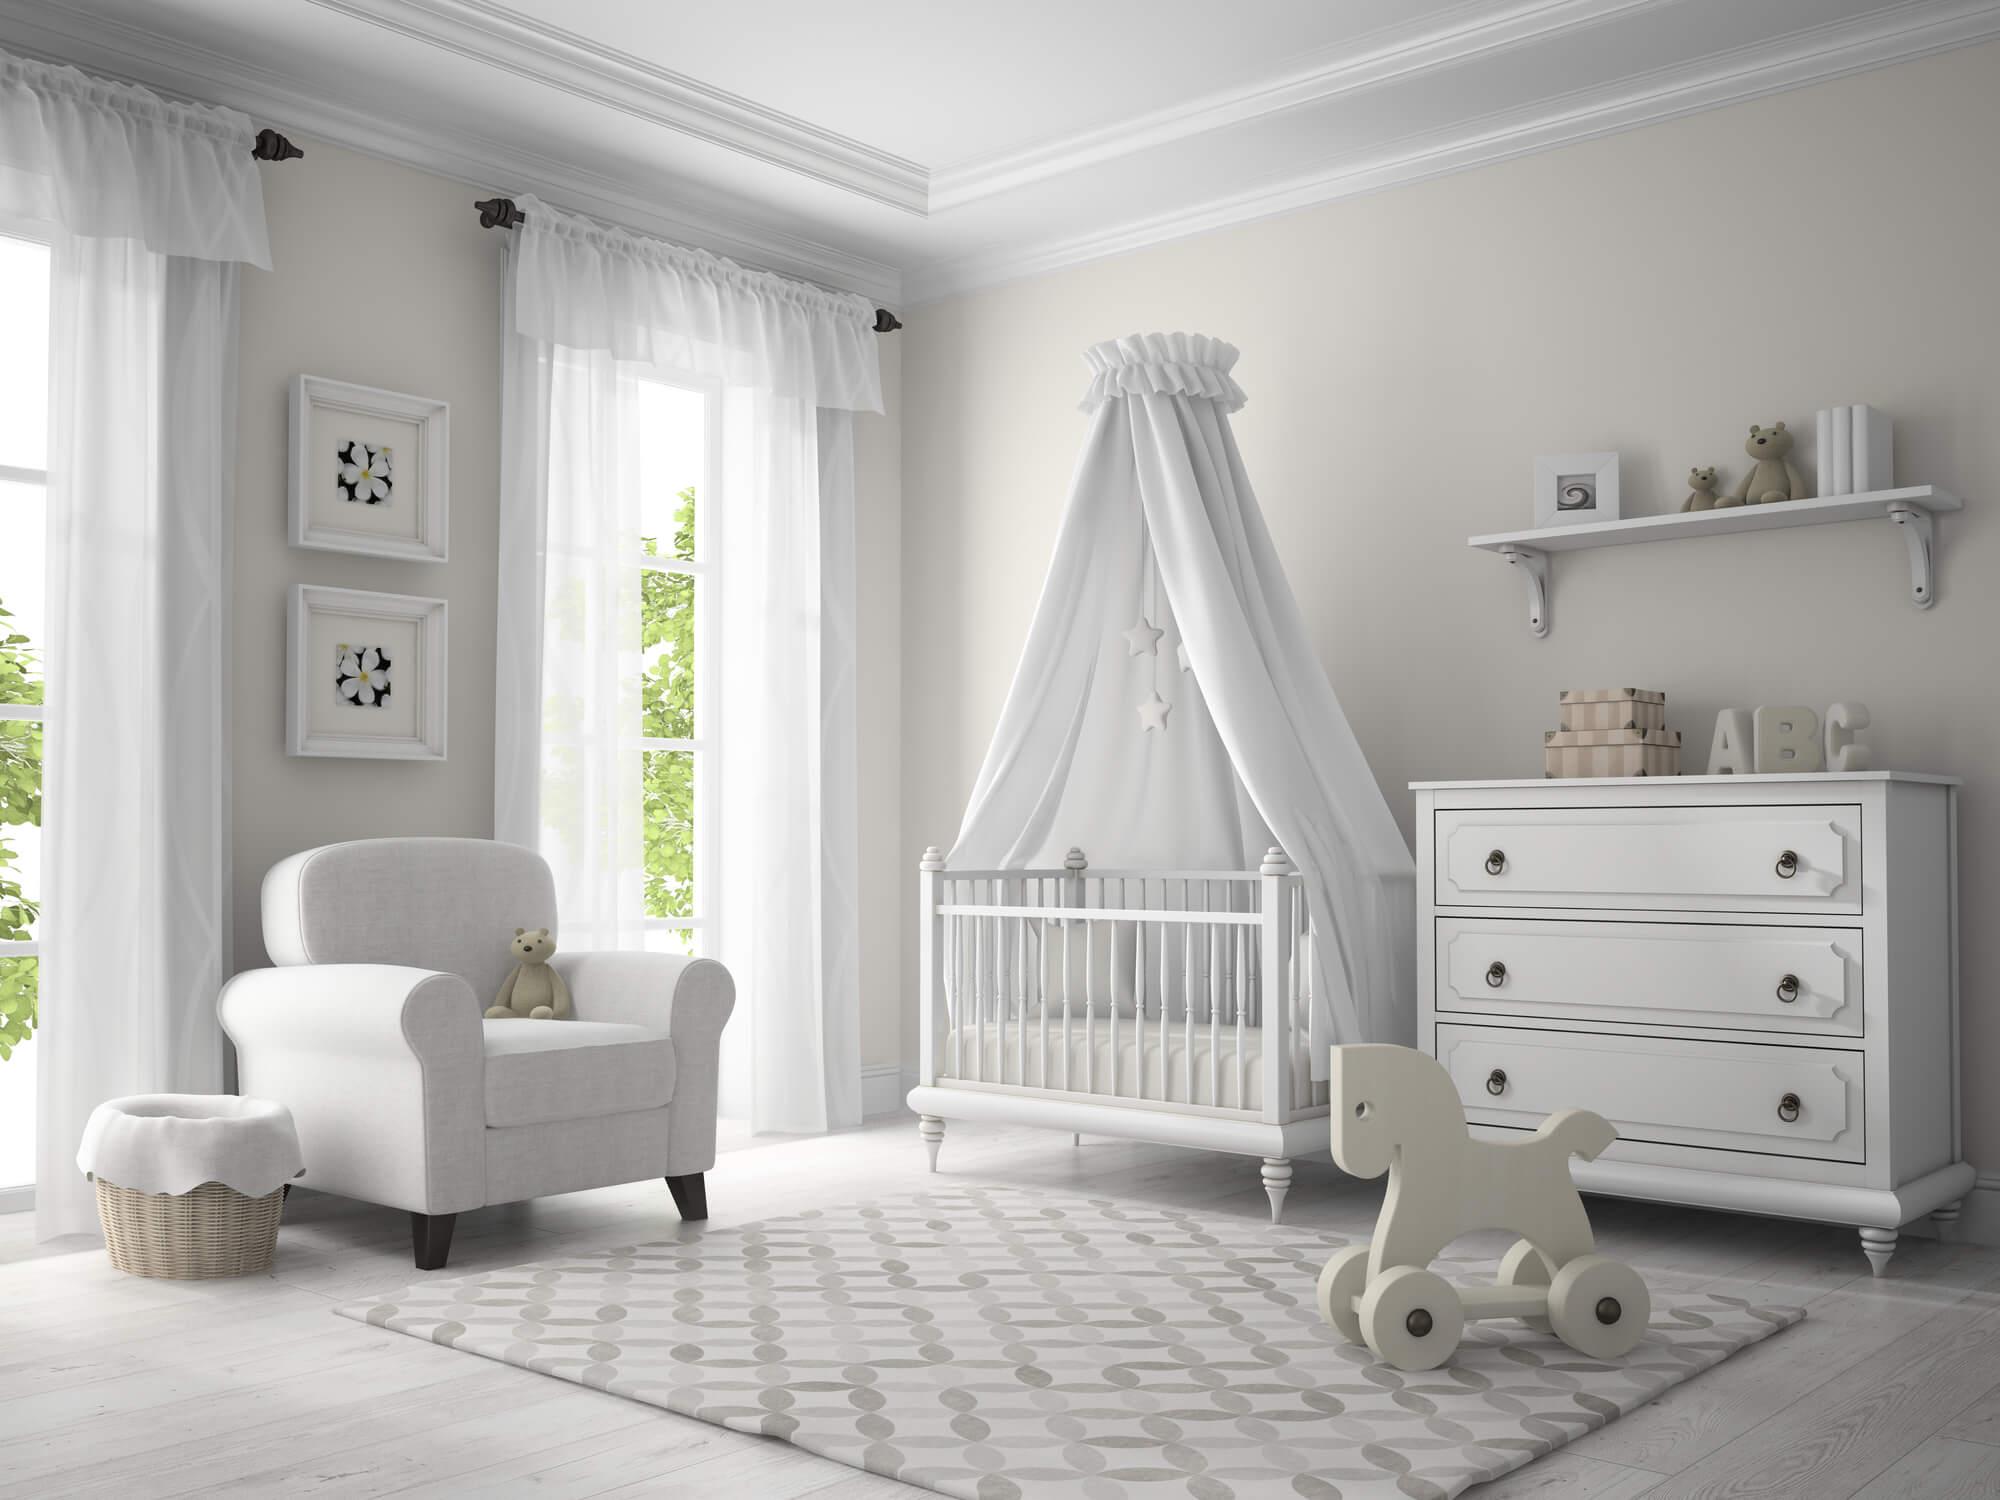 Confira 4 dicas essenciais de como decorar quarto de bebê